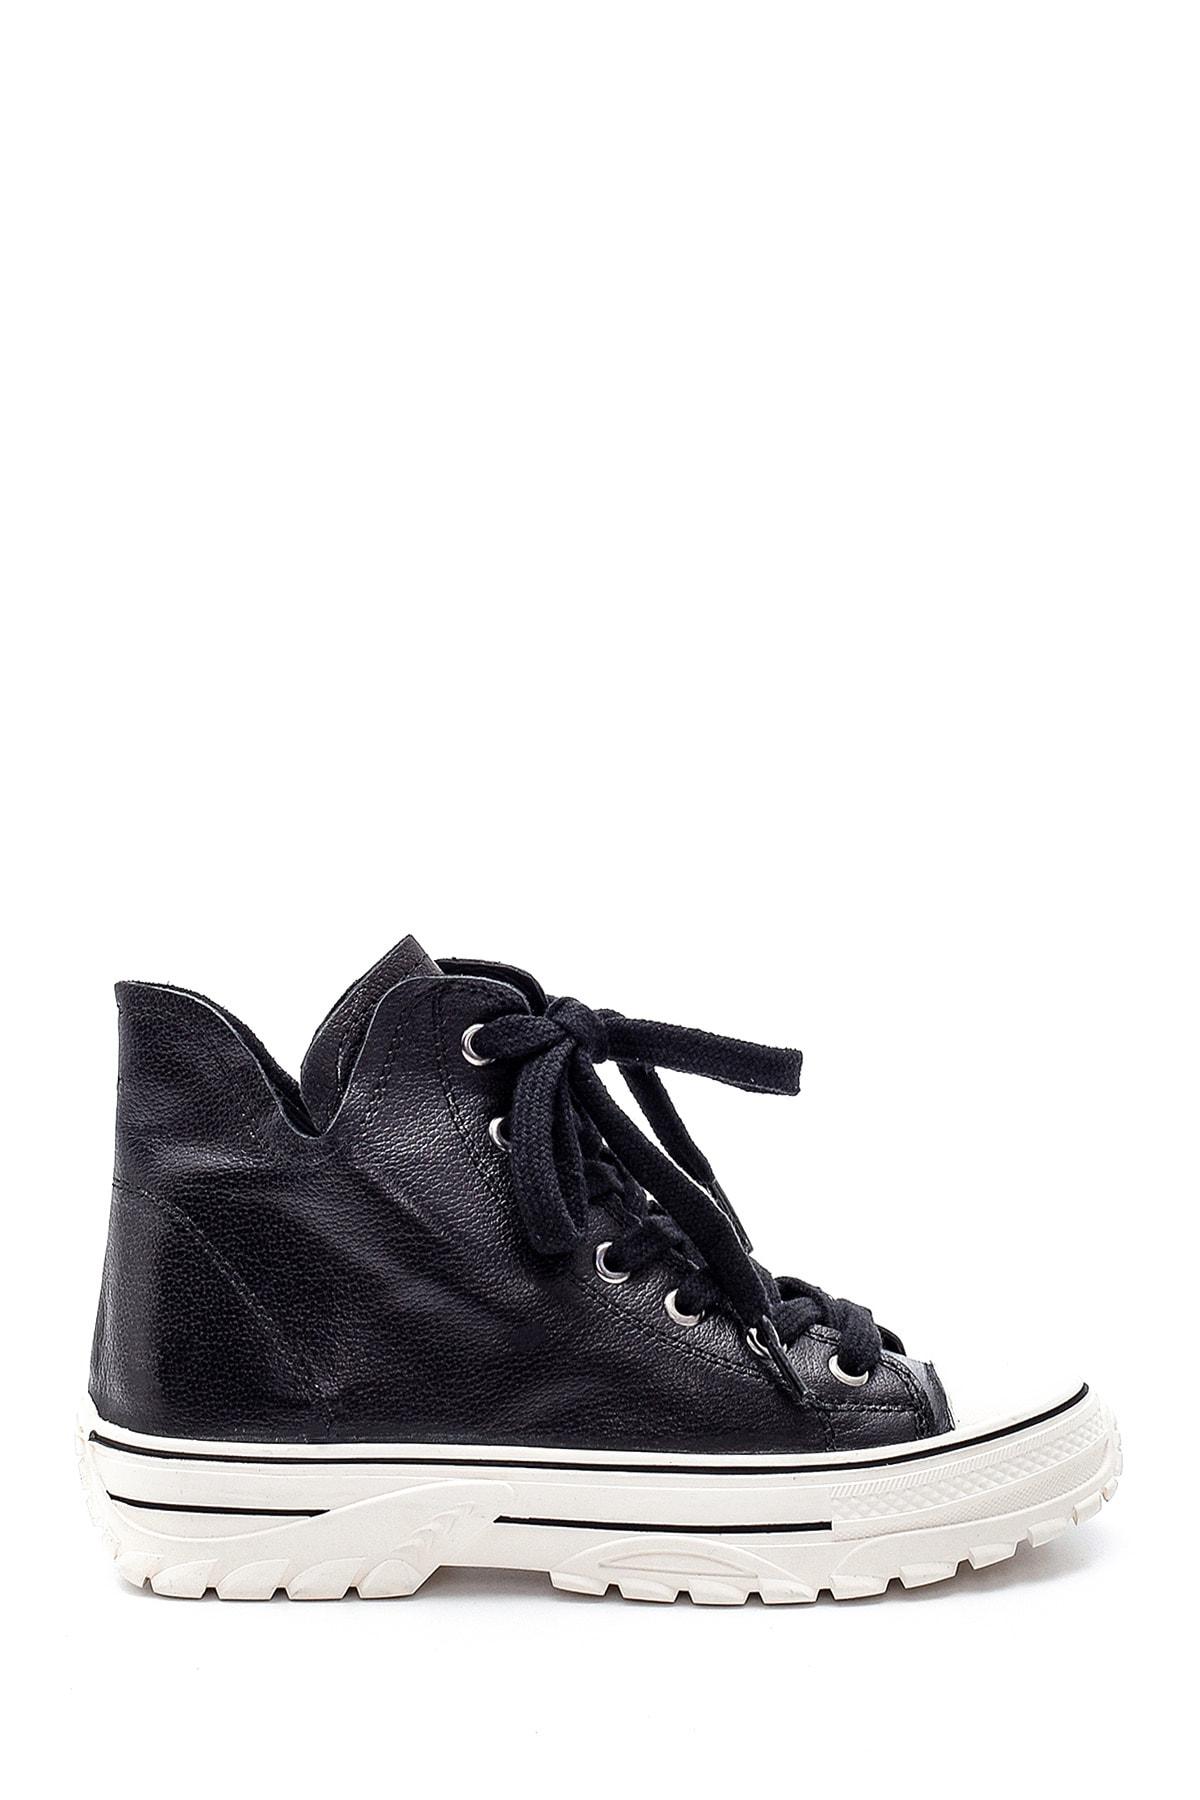 Derimod Kadın Siyah Deri Spor Ayakkabı